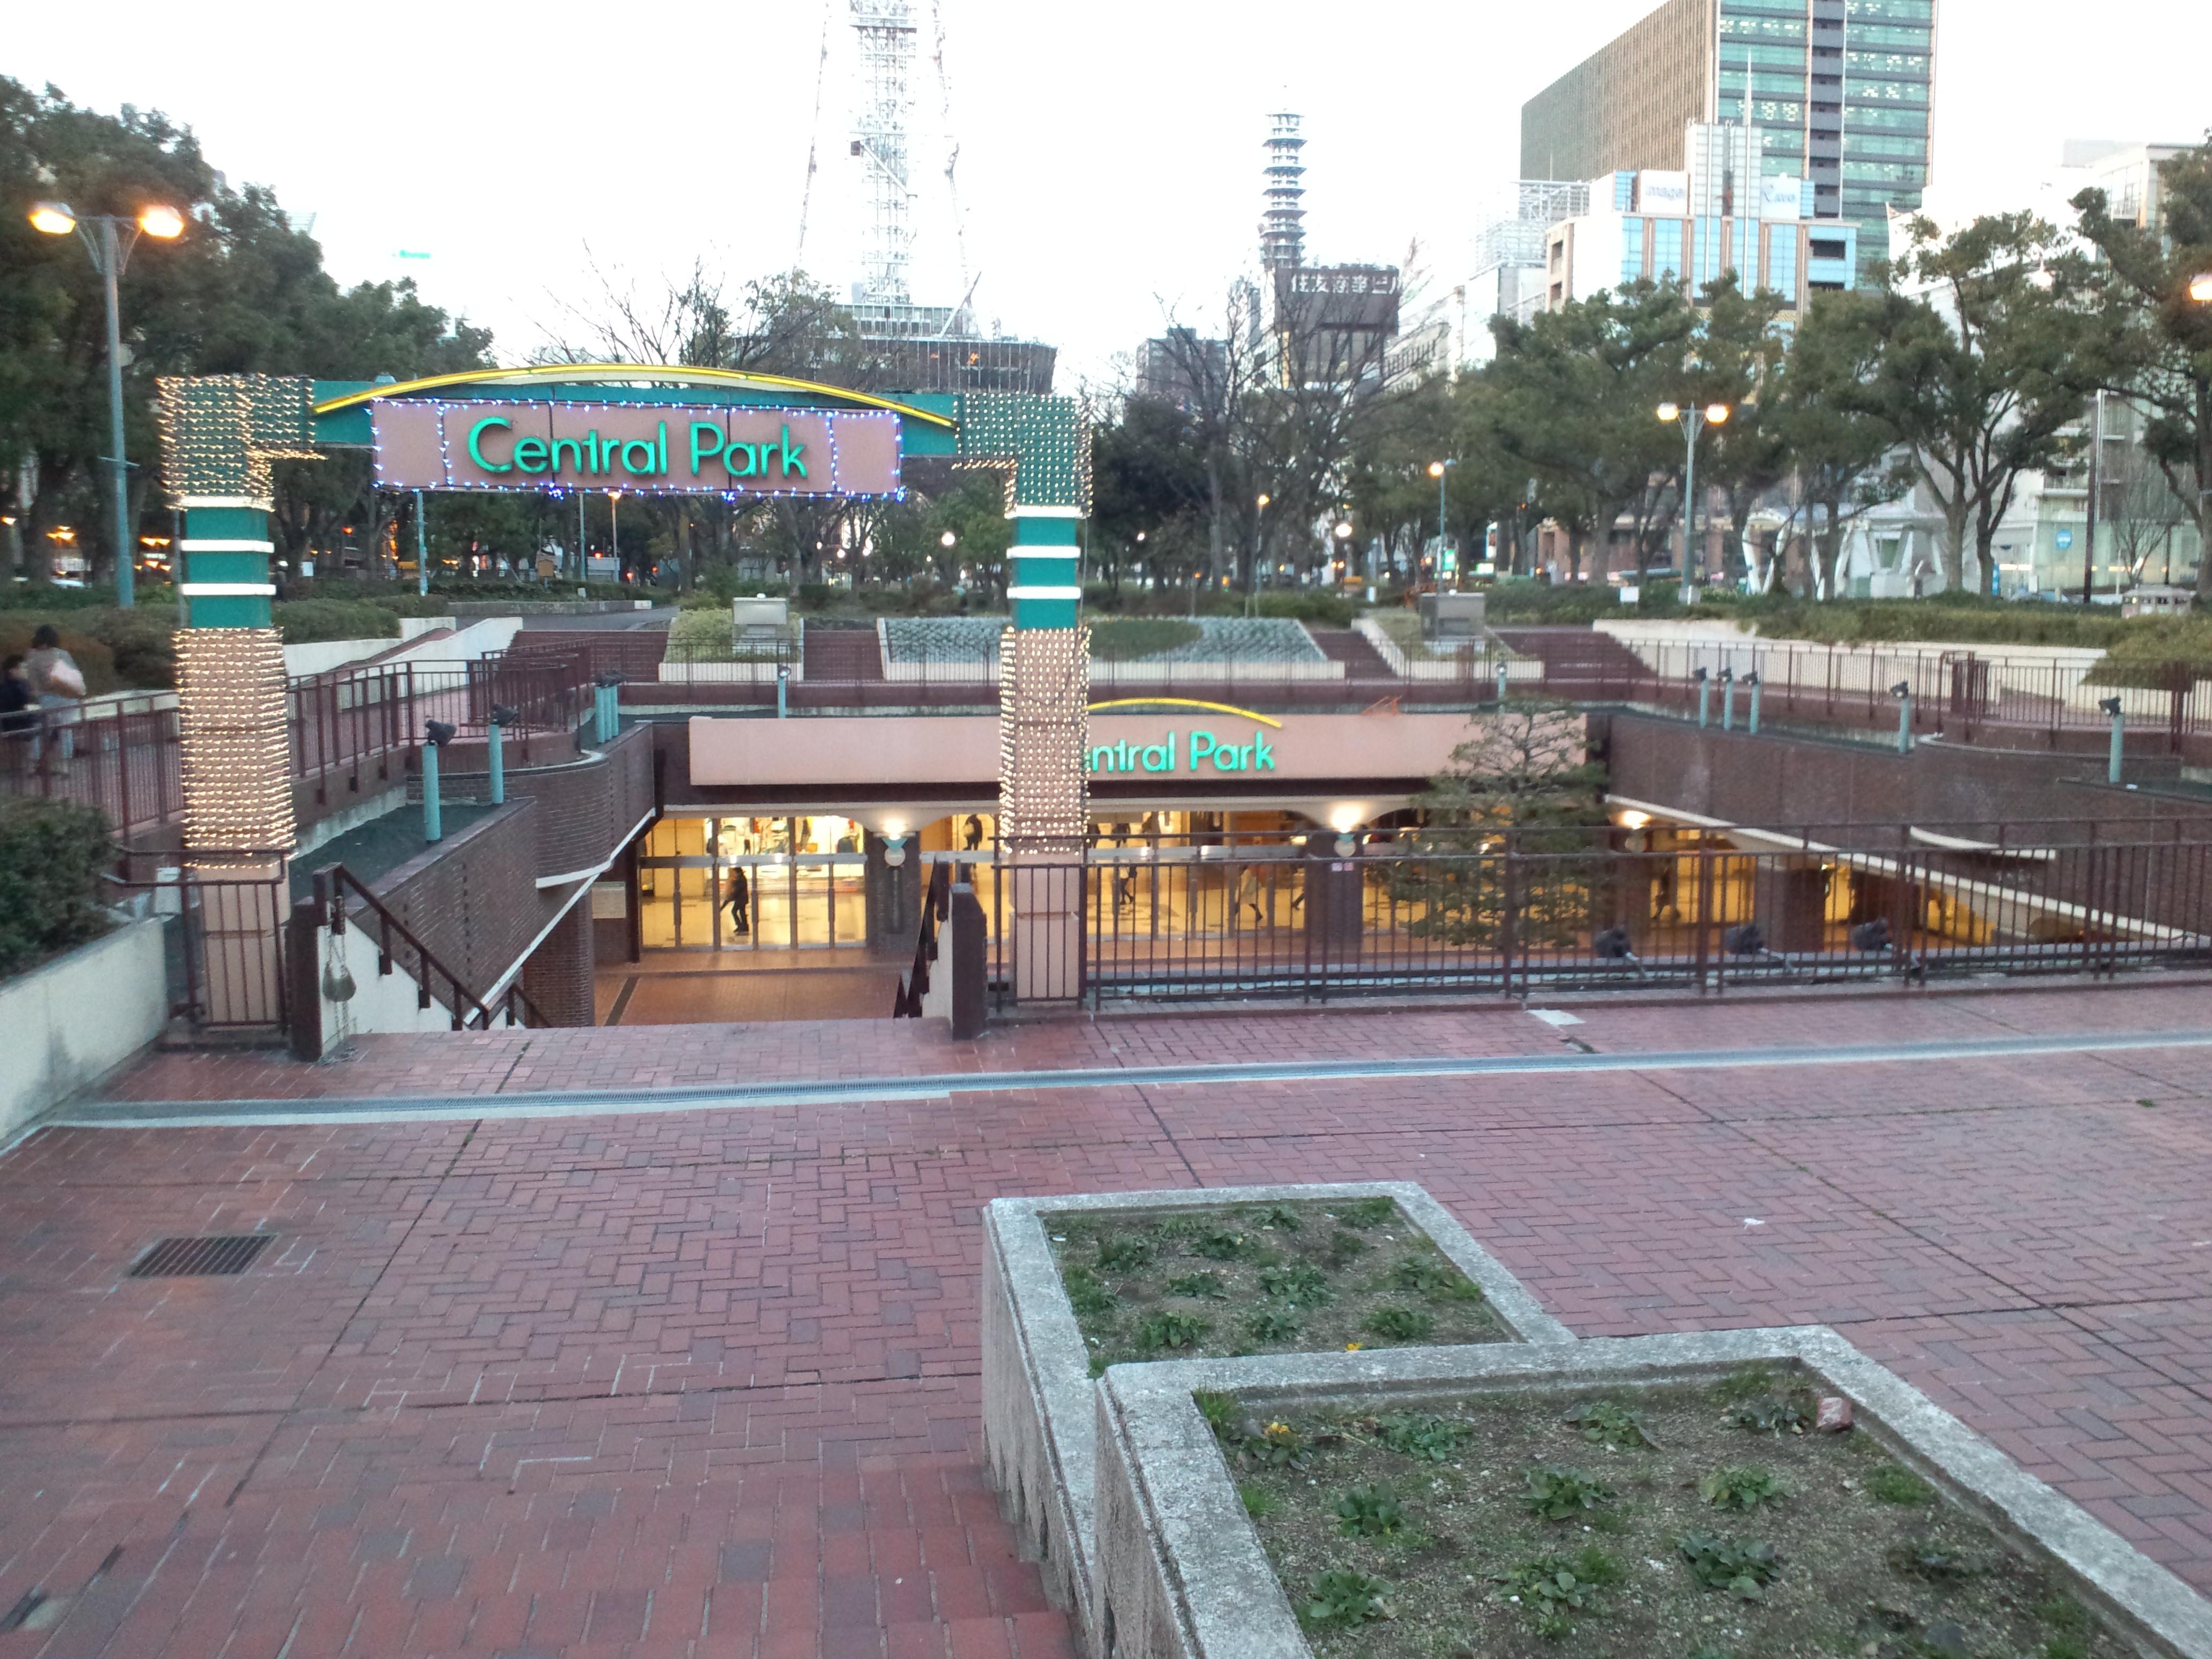 Entrance Central Park Park The Entrance of